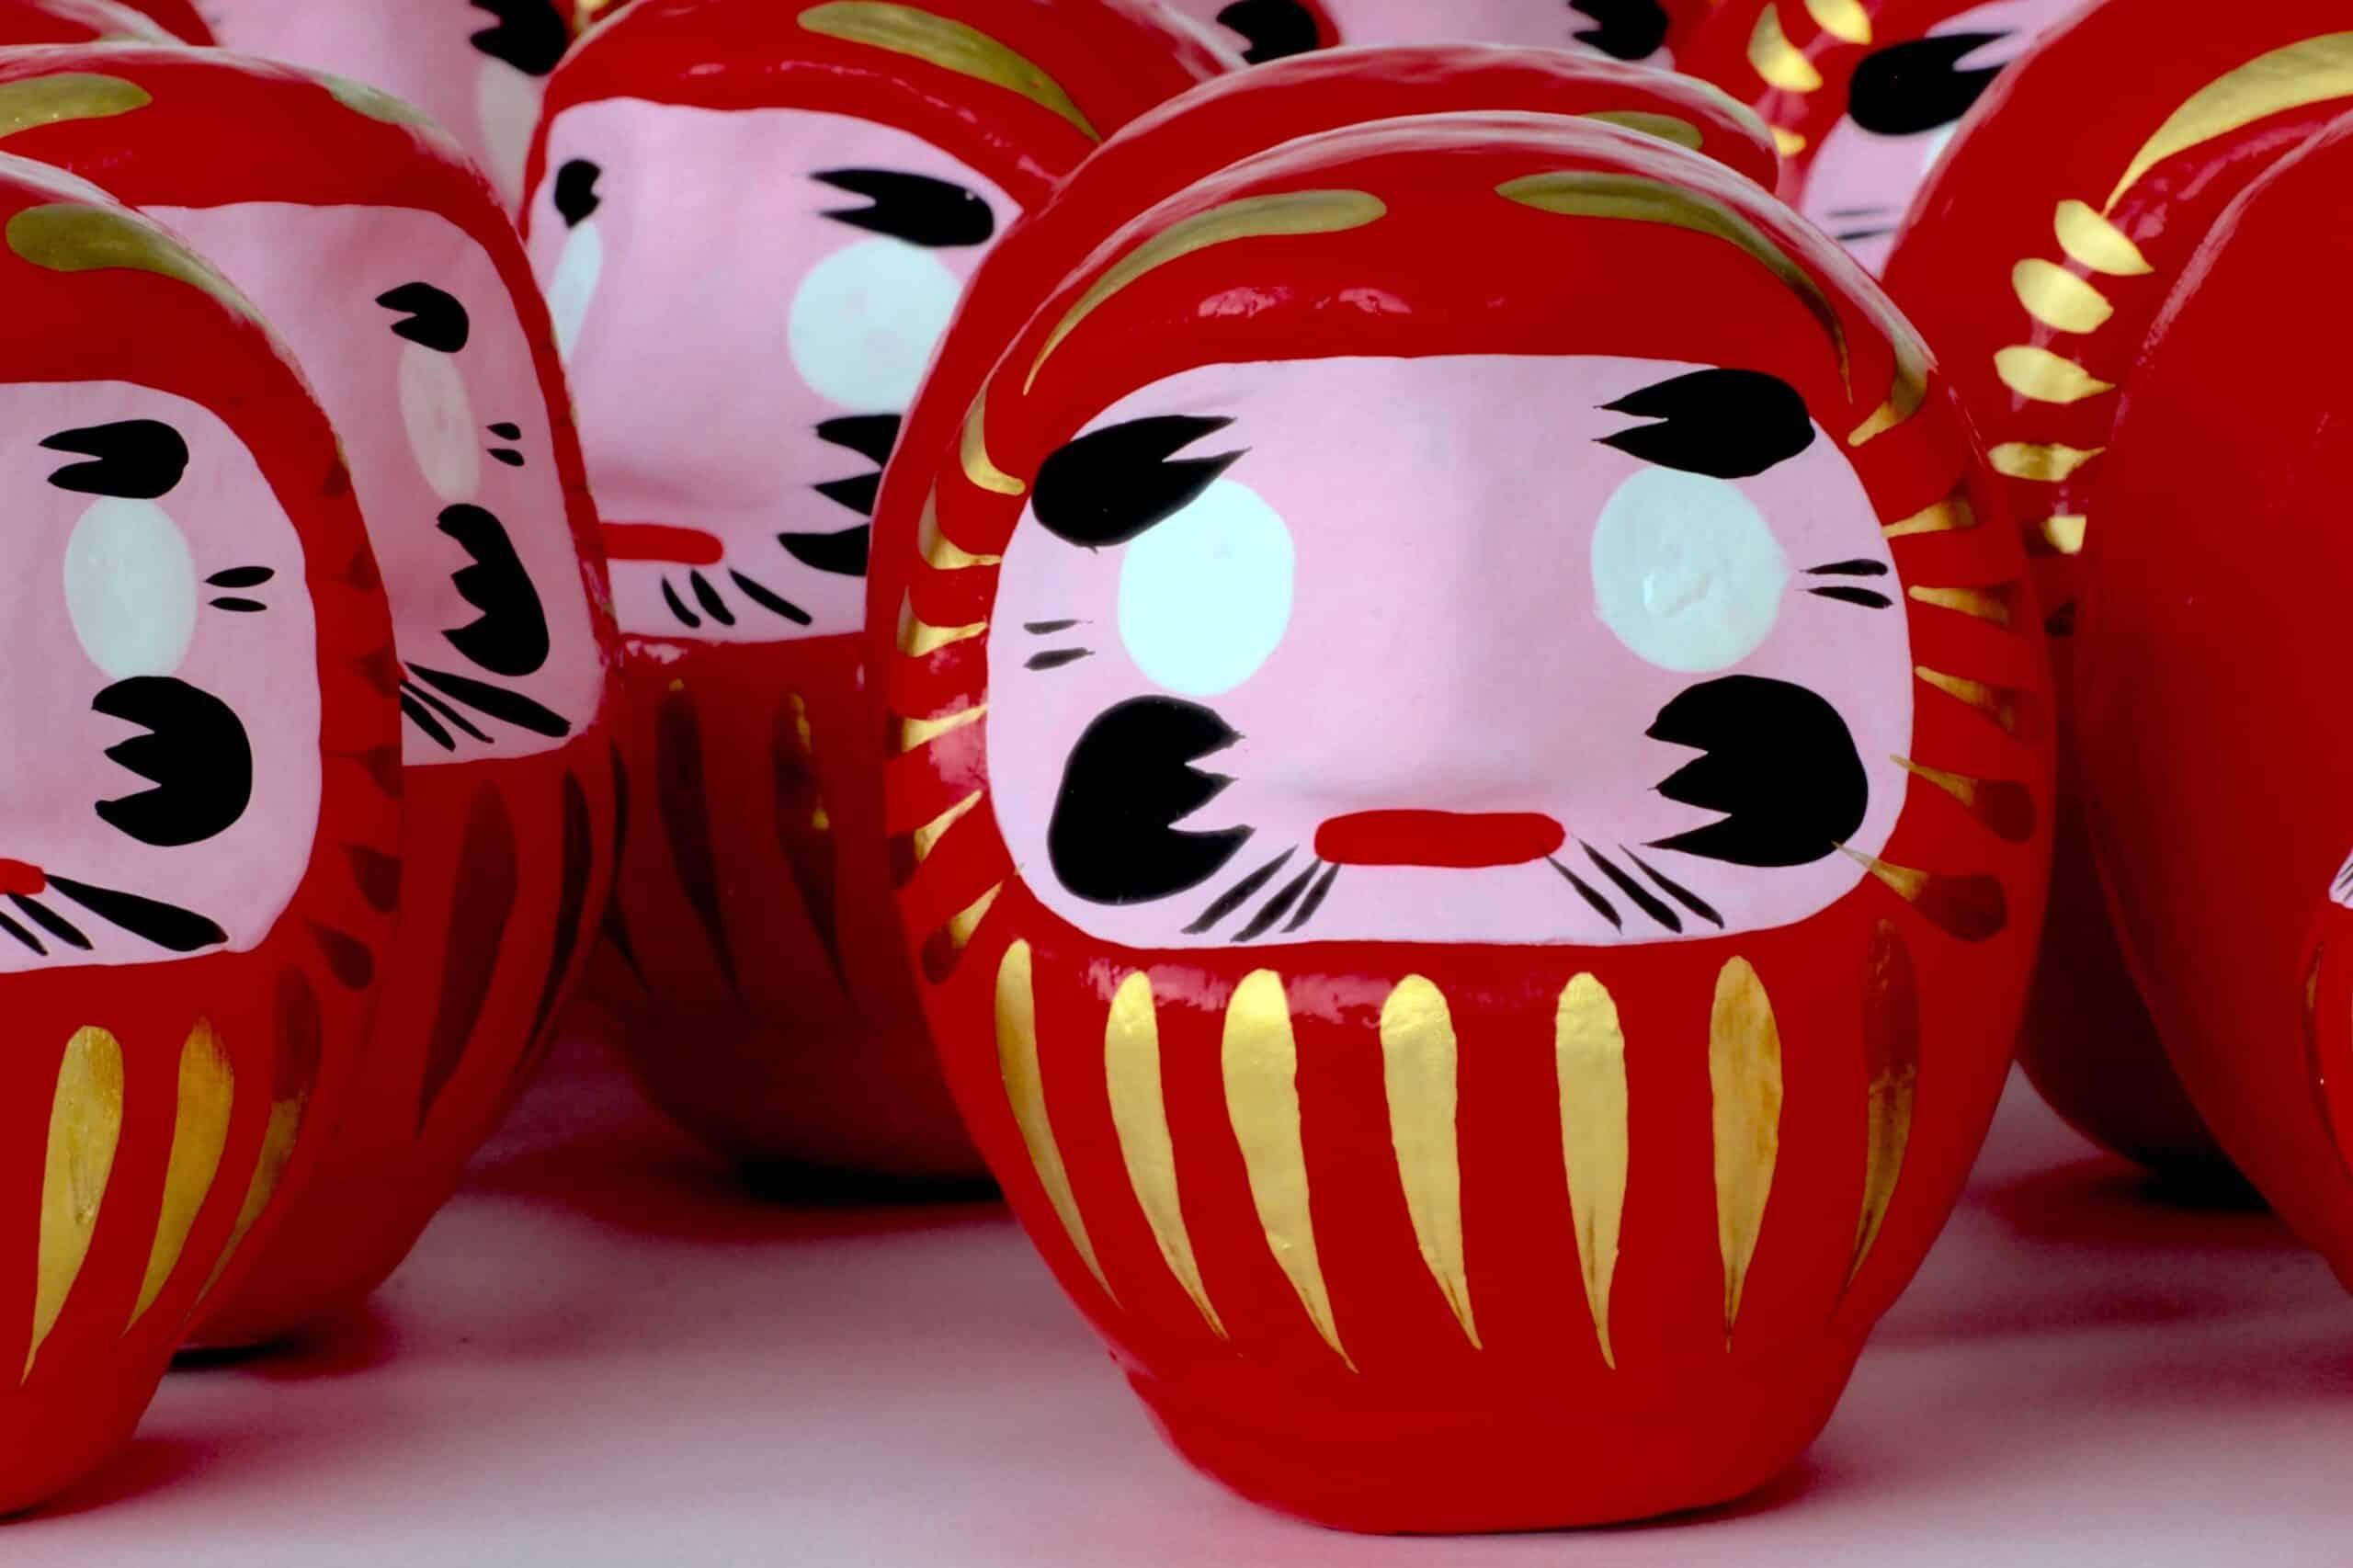 Der Daruma: ein japanischer Glücksbringer